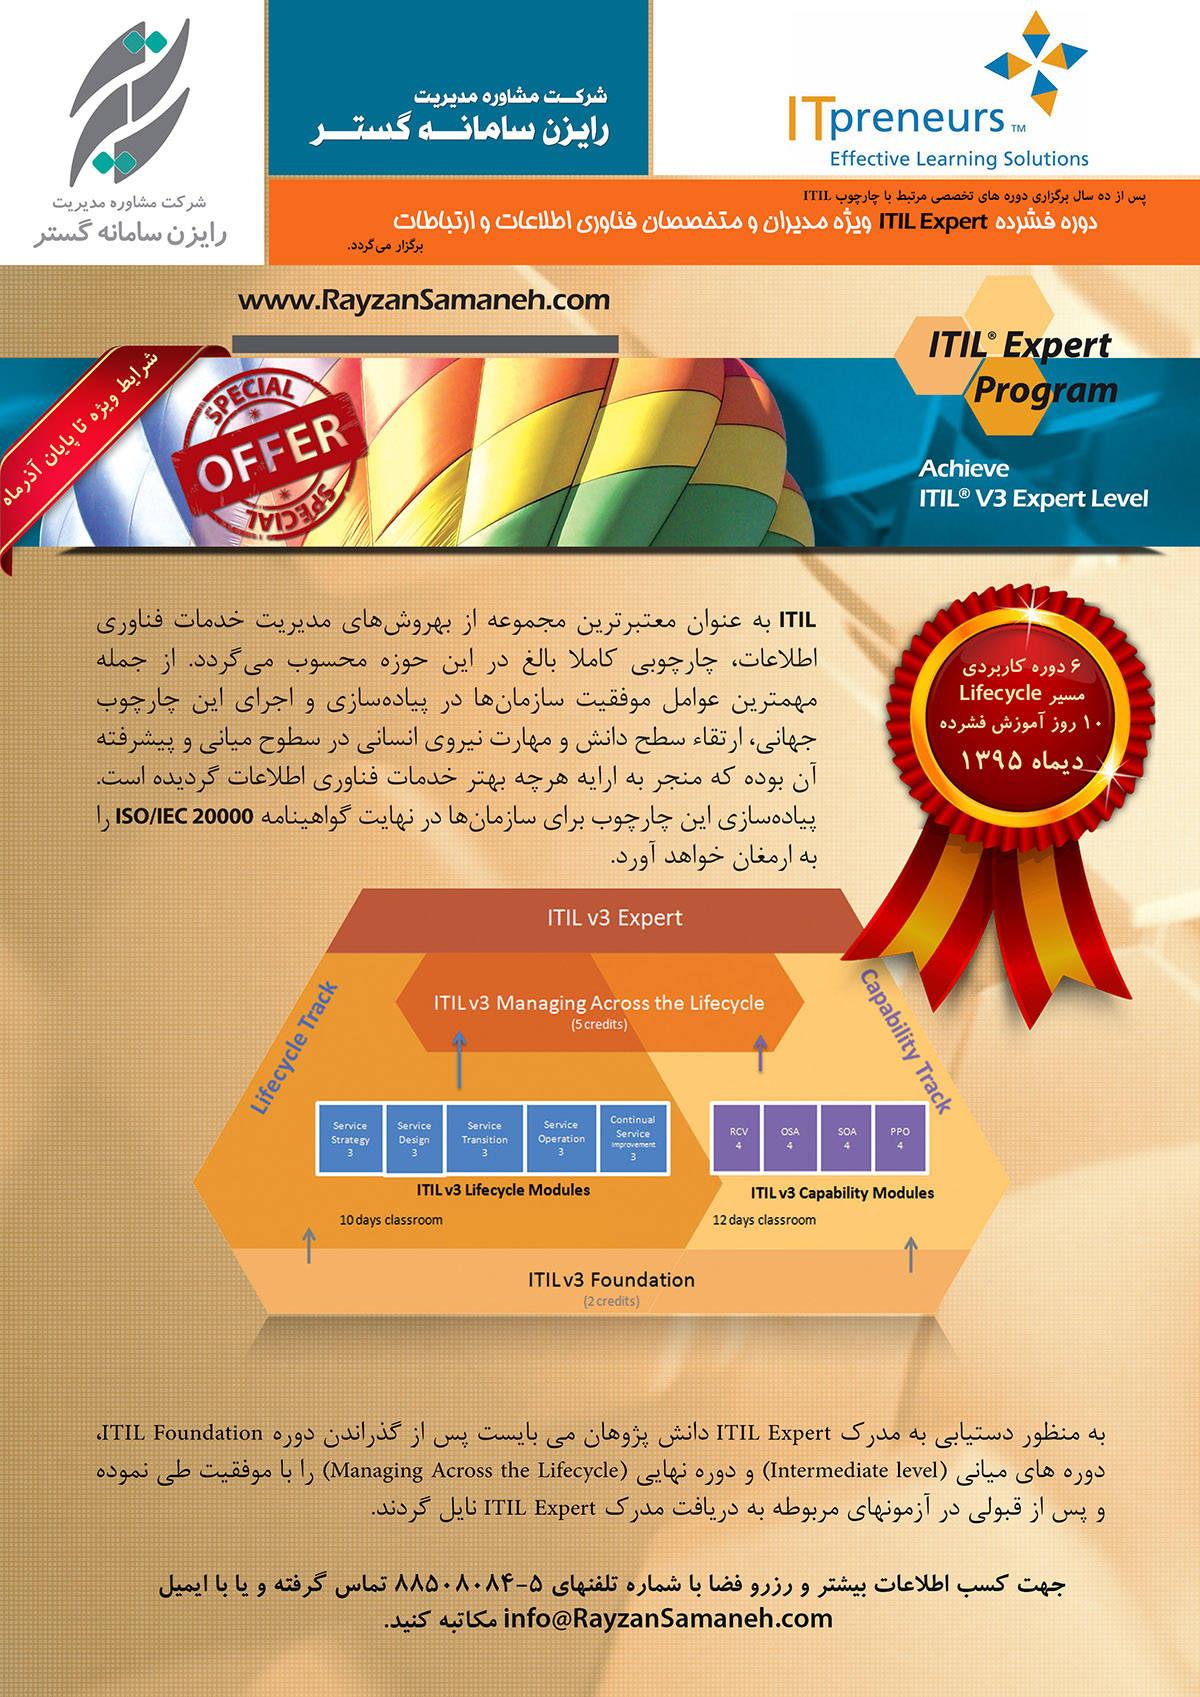 تور جامع ITIL Expert